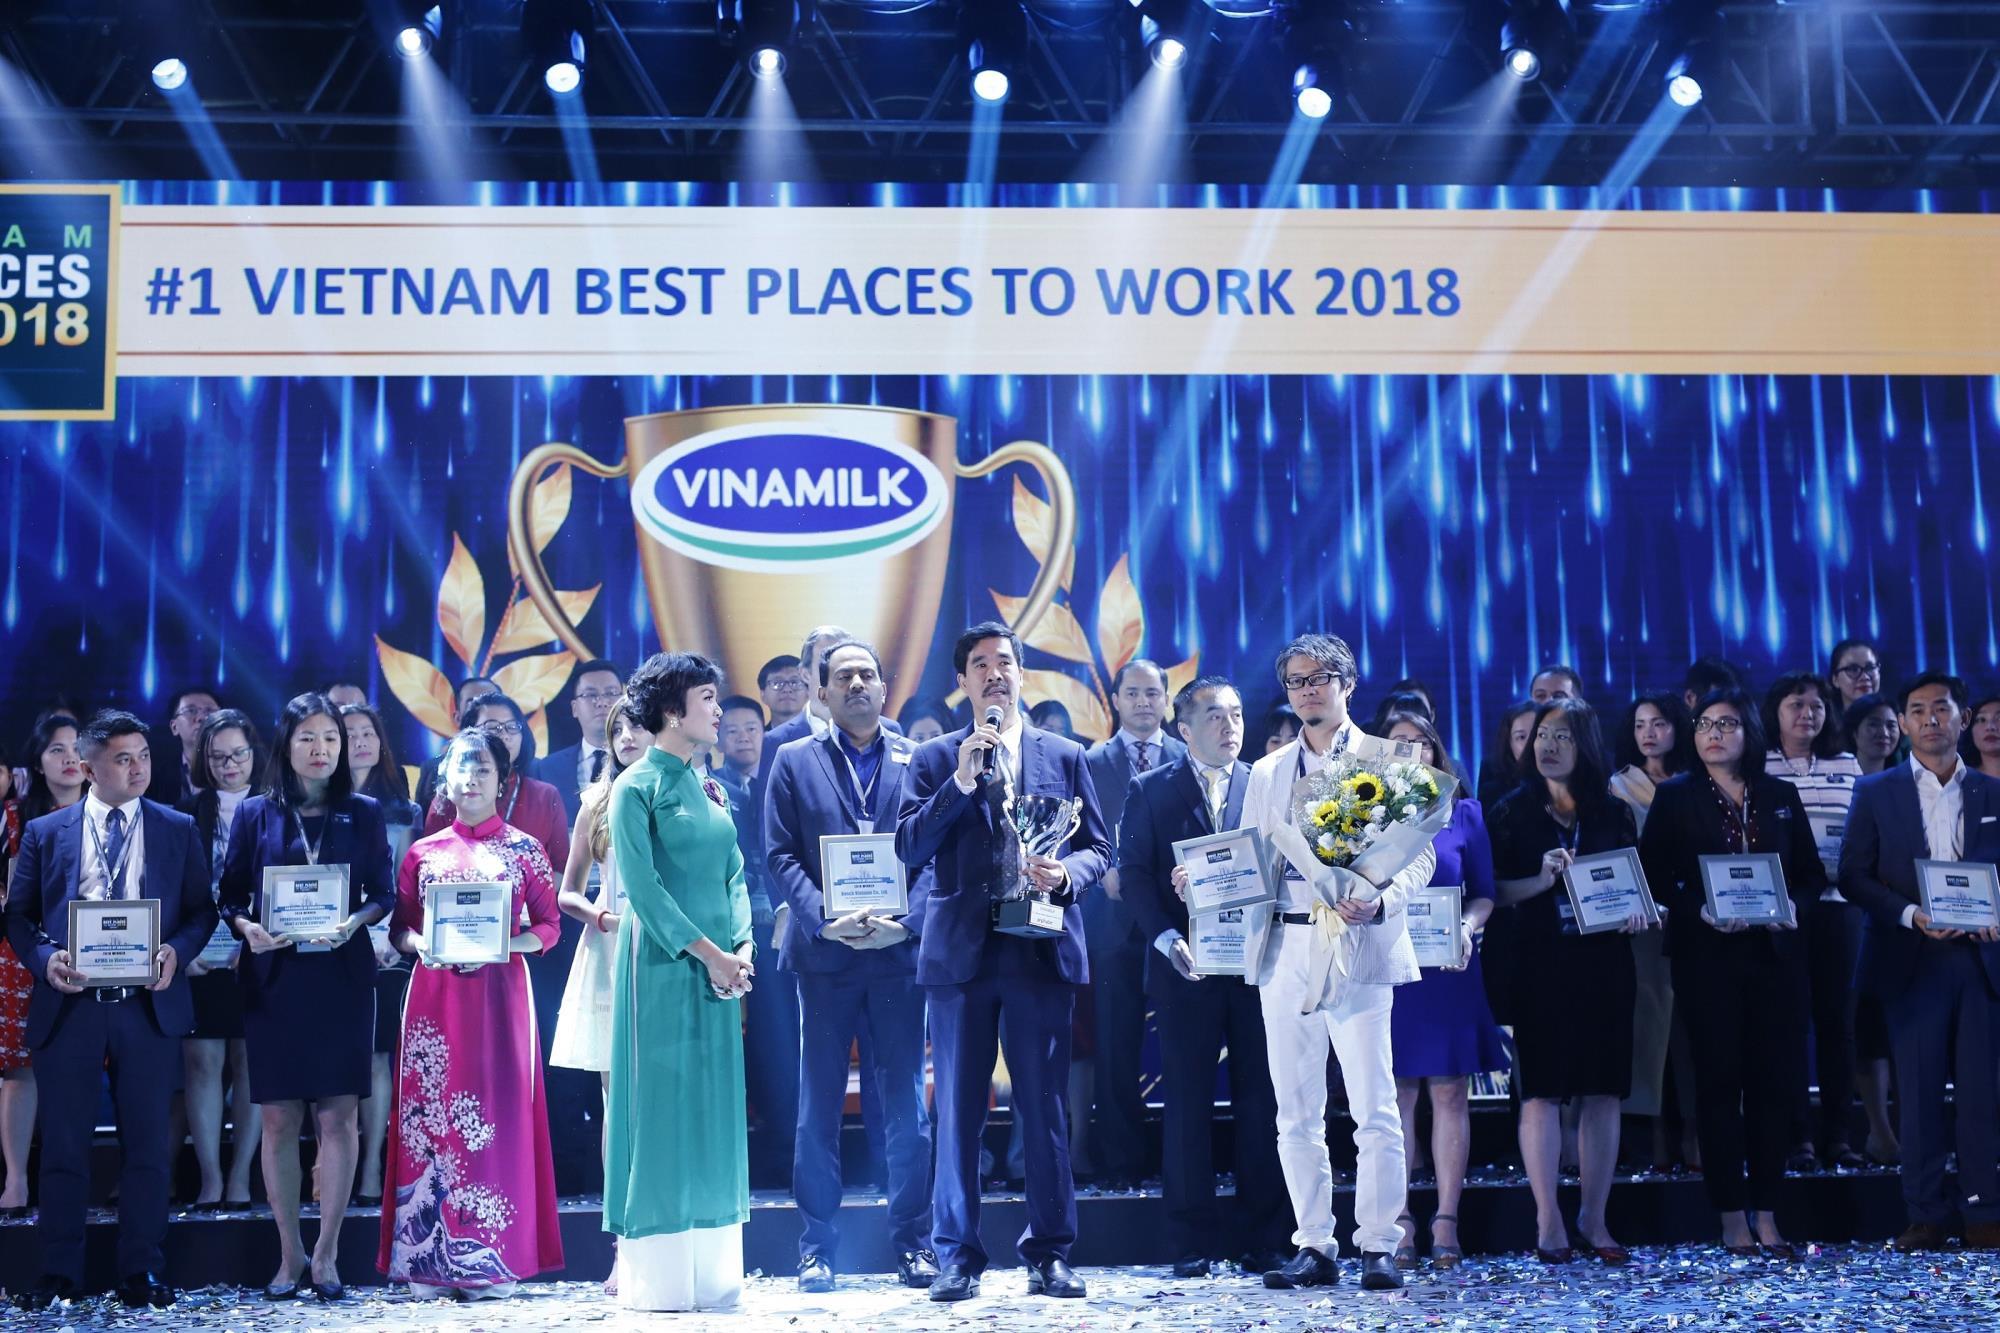 Thế hệ trẻ và những lý do khao khát 'đầu quân' cho một công ty sữa Việt - Ảnh 6